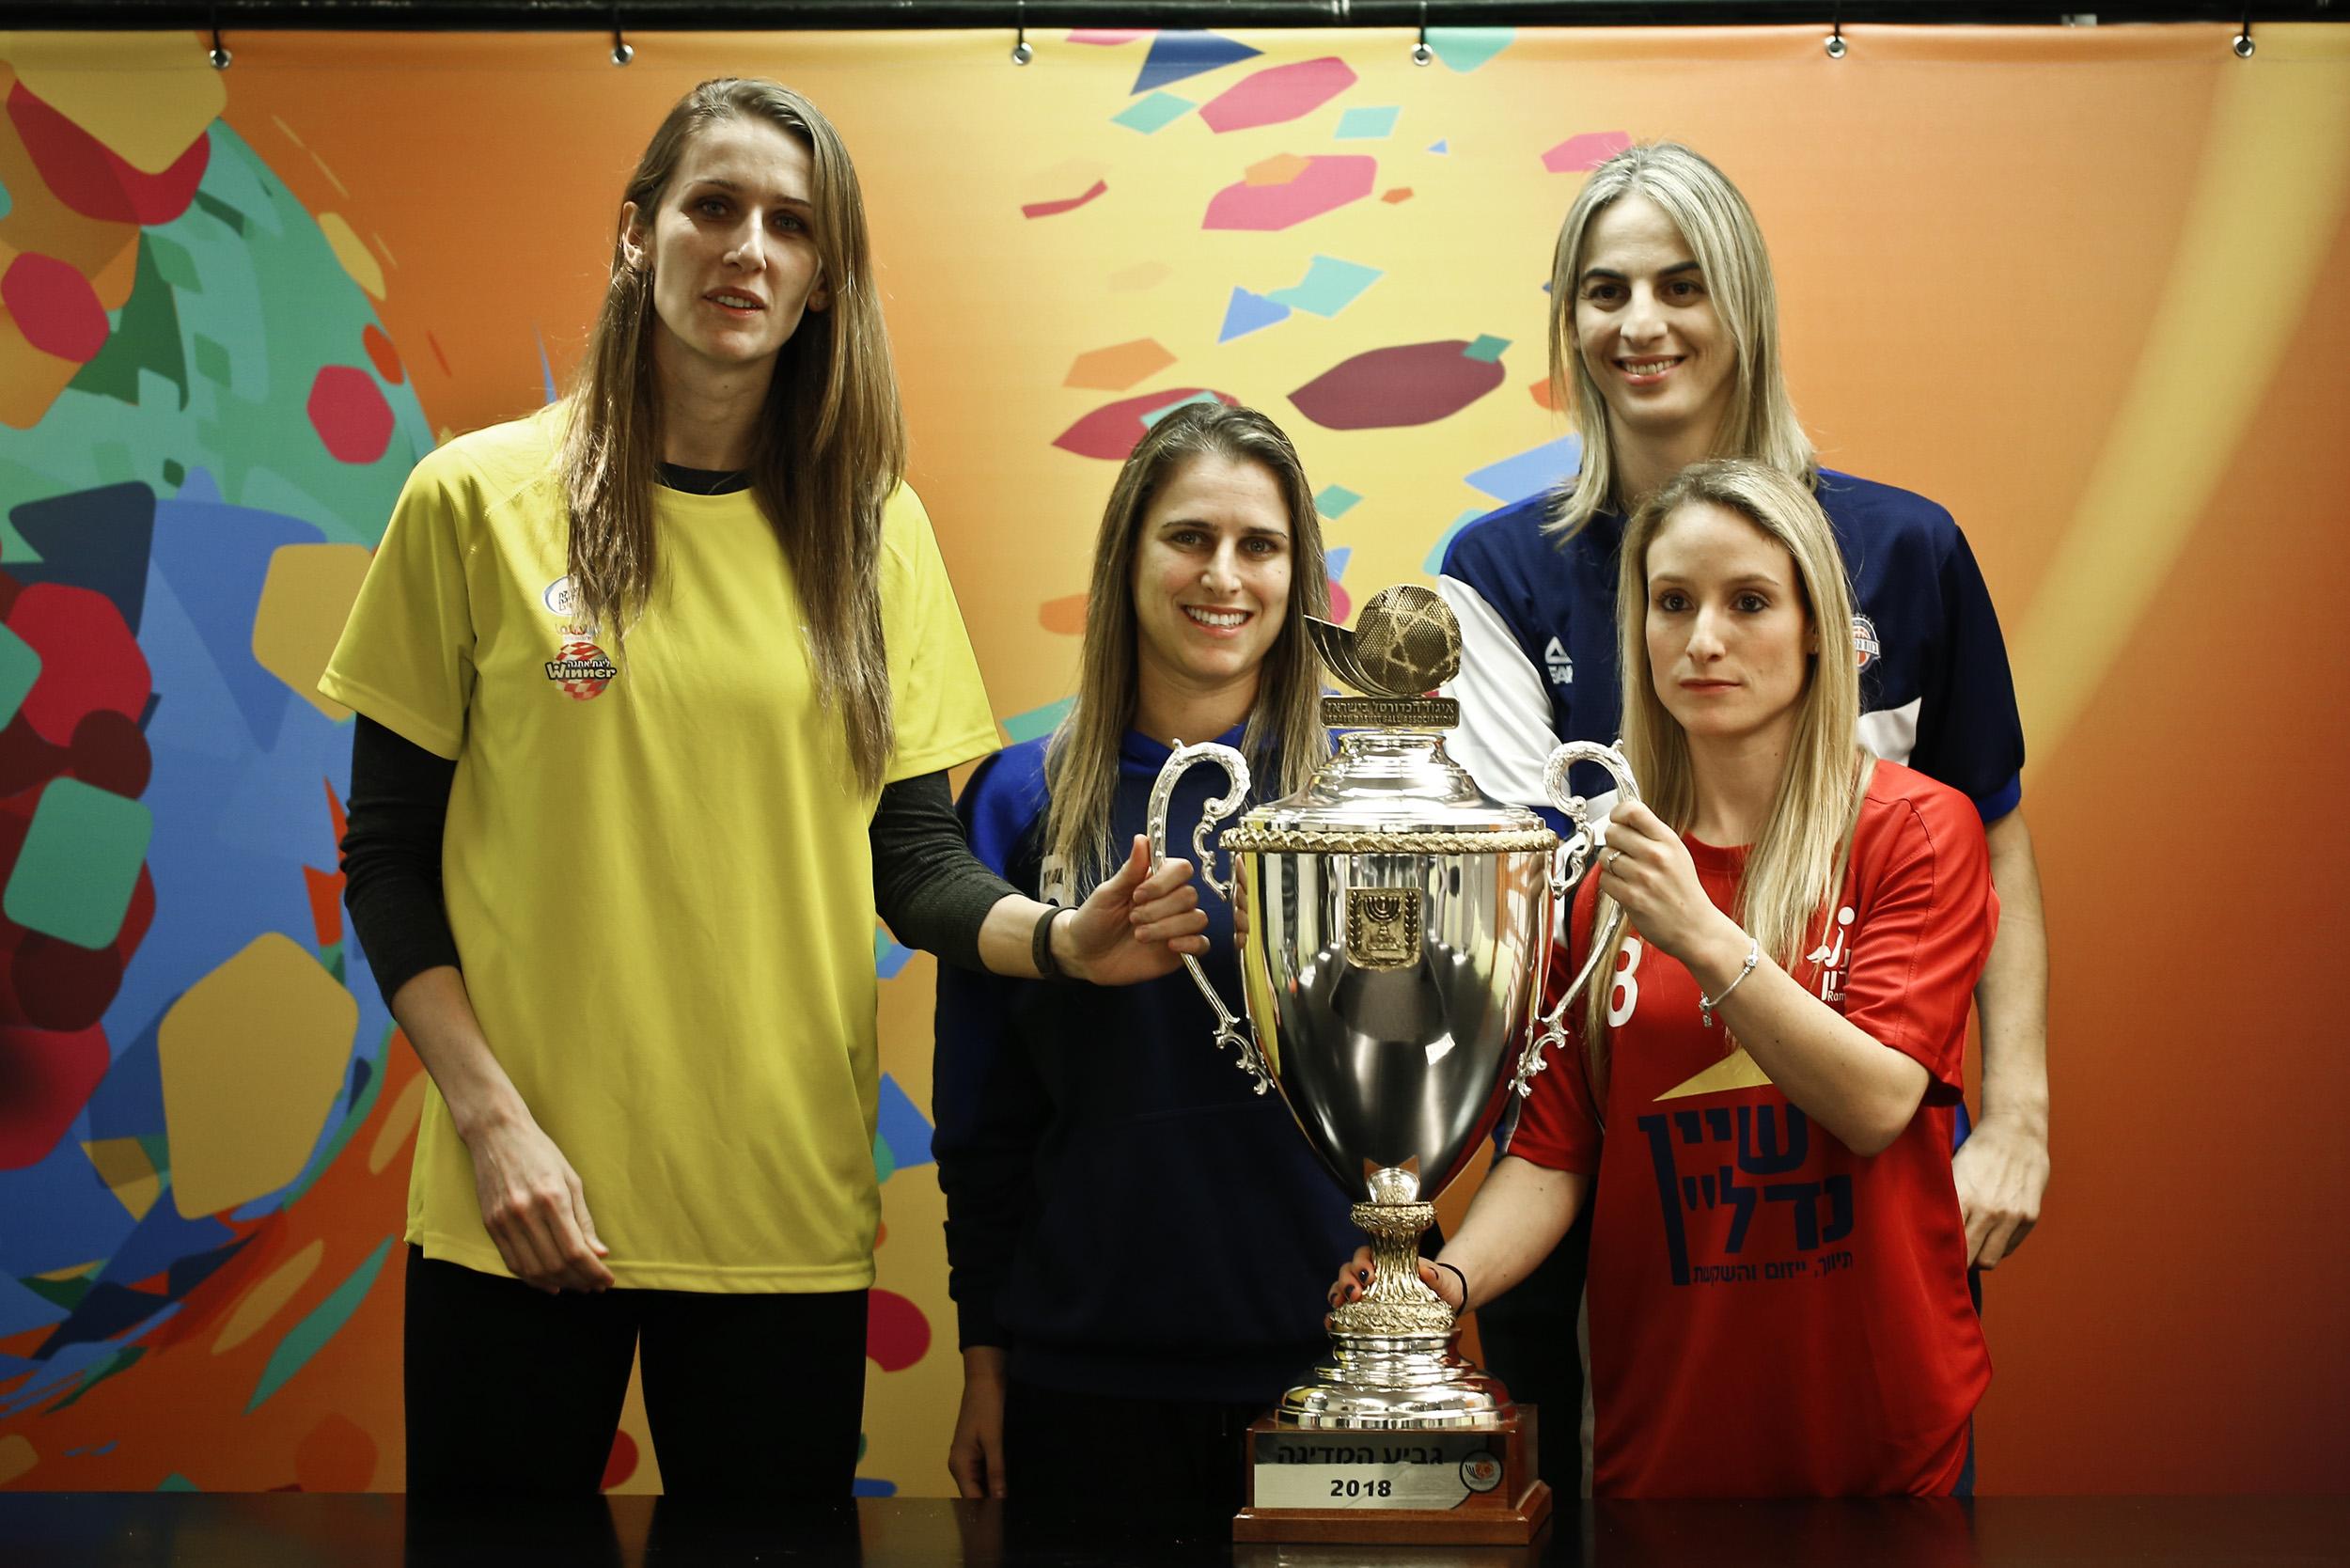 בשני משחקי חצי גמר גביע המדינה ווינר לנשים בבית מכבי